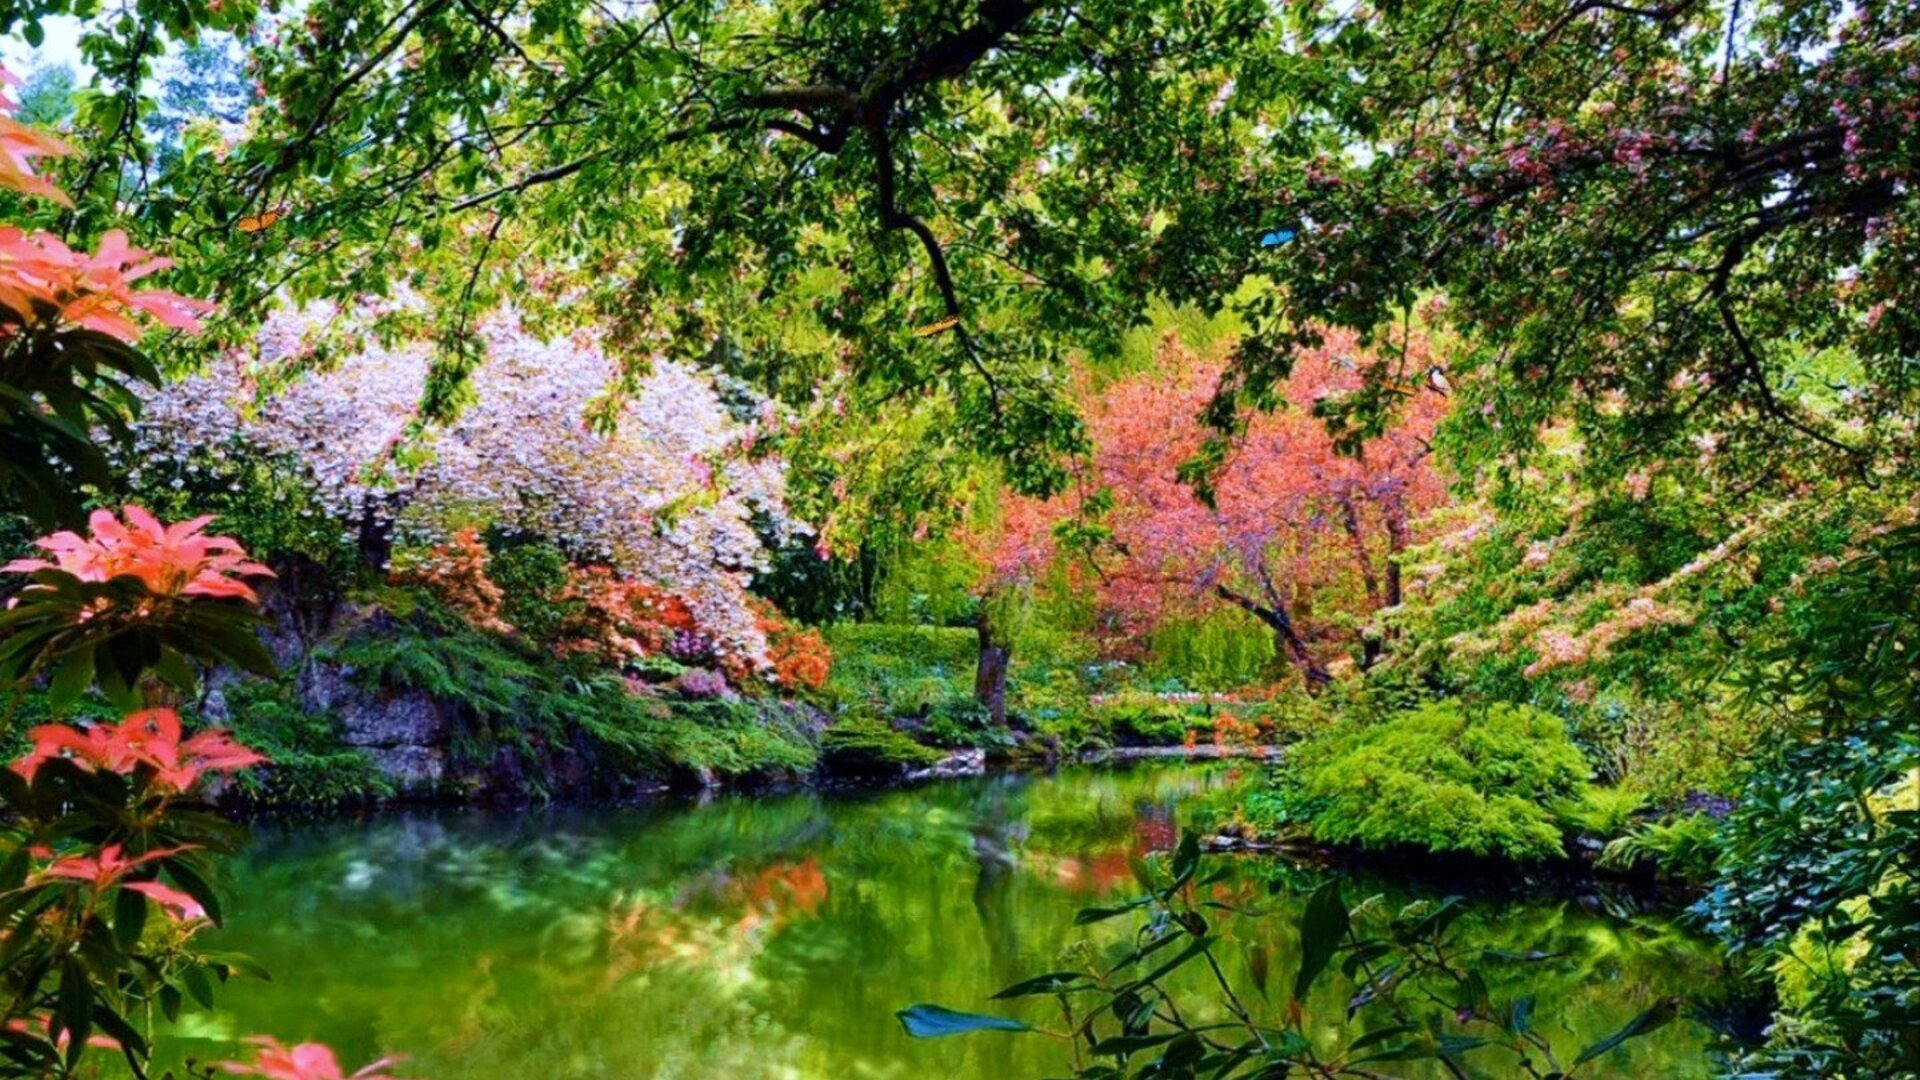 1920x1080 Beautiful Garden Nature Laptop Full Hd 1080p Hd 4k